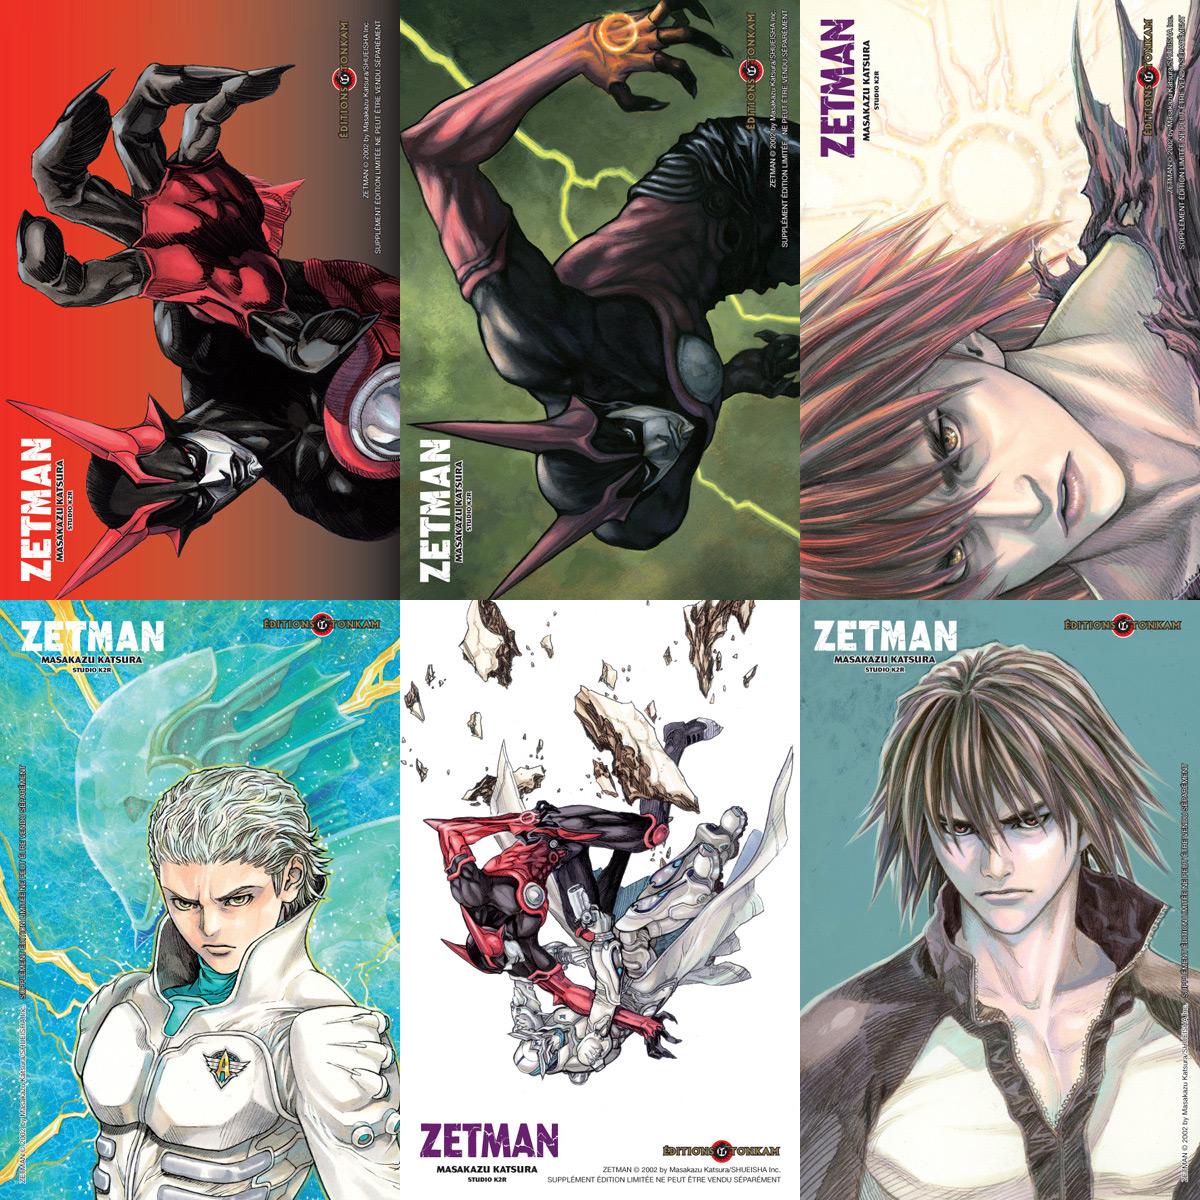 http://www.manga-news.com/public/images/vols/Zetman15ans_cartes.jpg